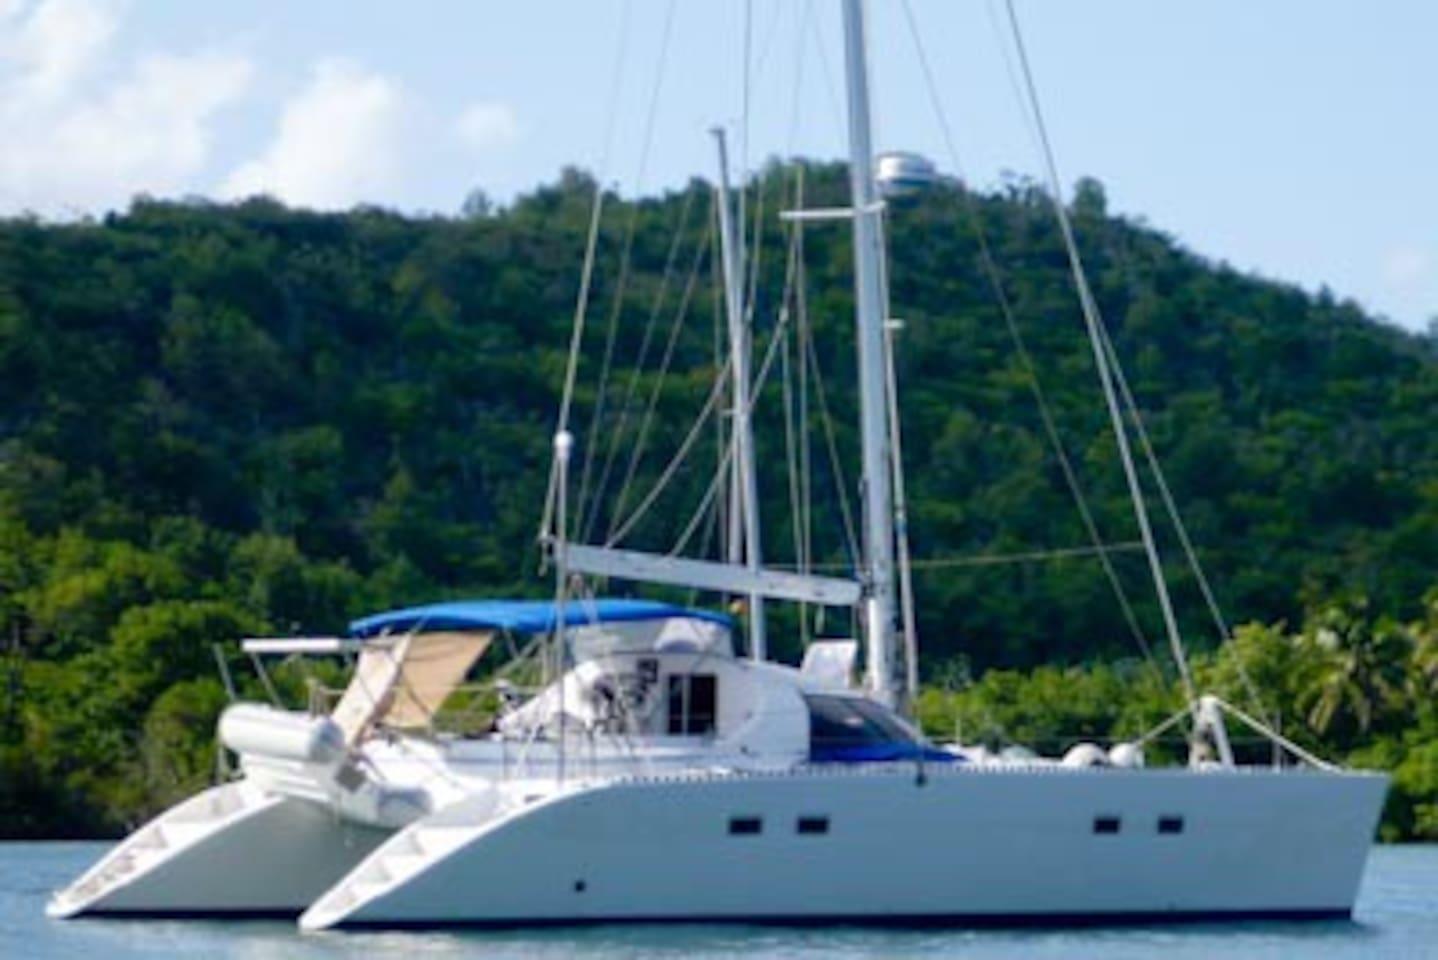 Yemaya a fast and comfortable sailing catamaran